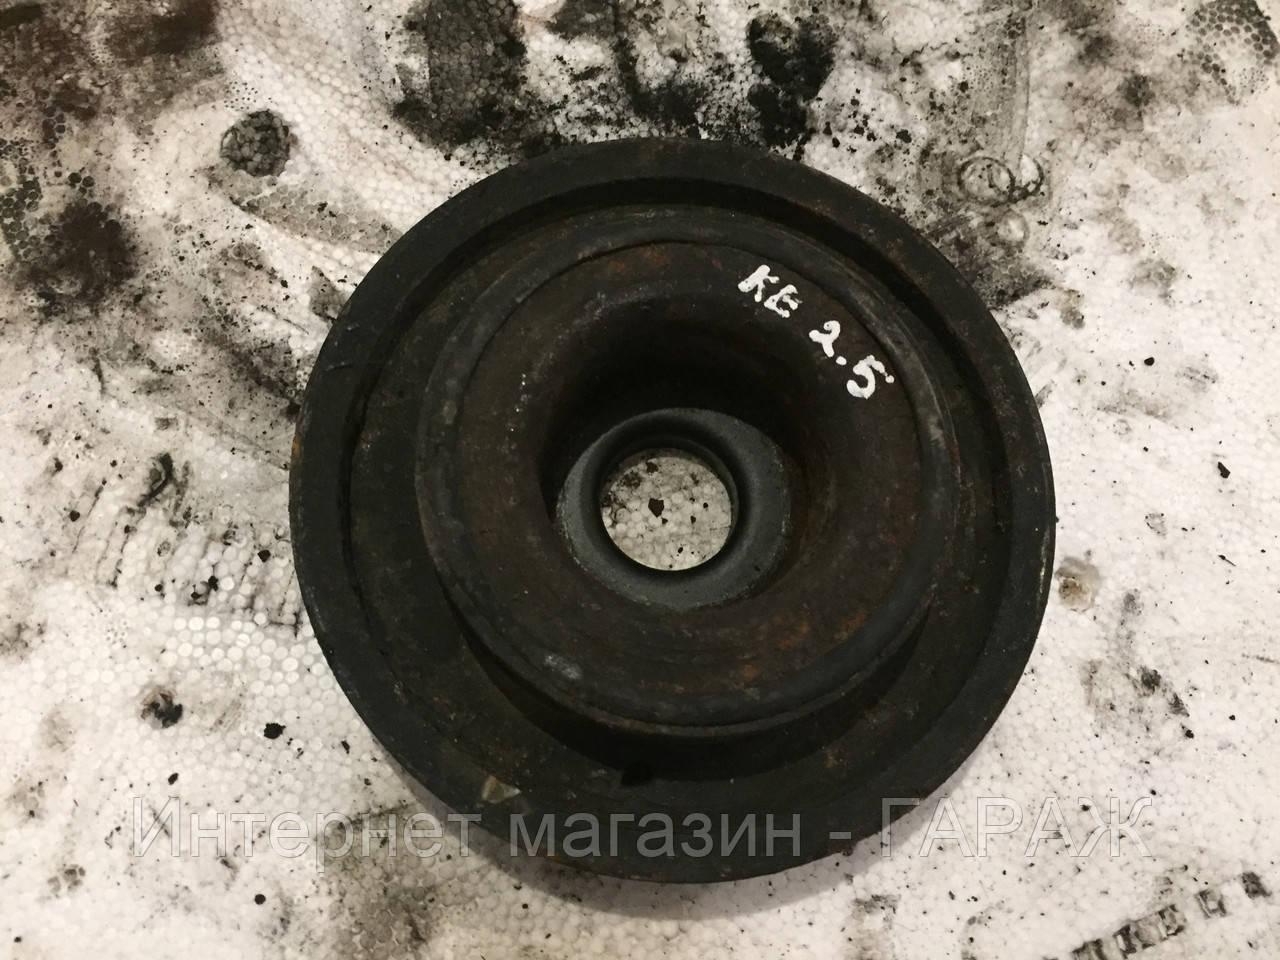 Шкив коленвала (без кондиционера) Renault Master II 2.2DCI / 2.5 DCI 1